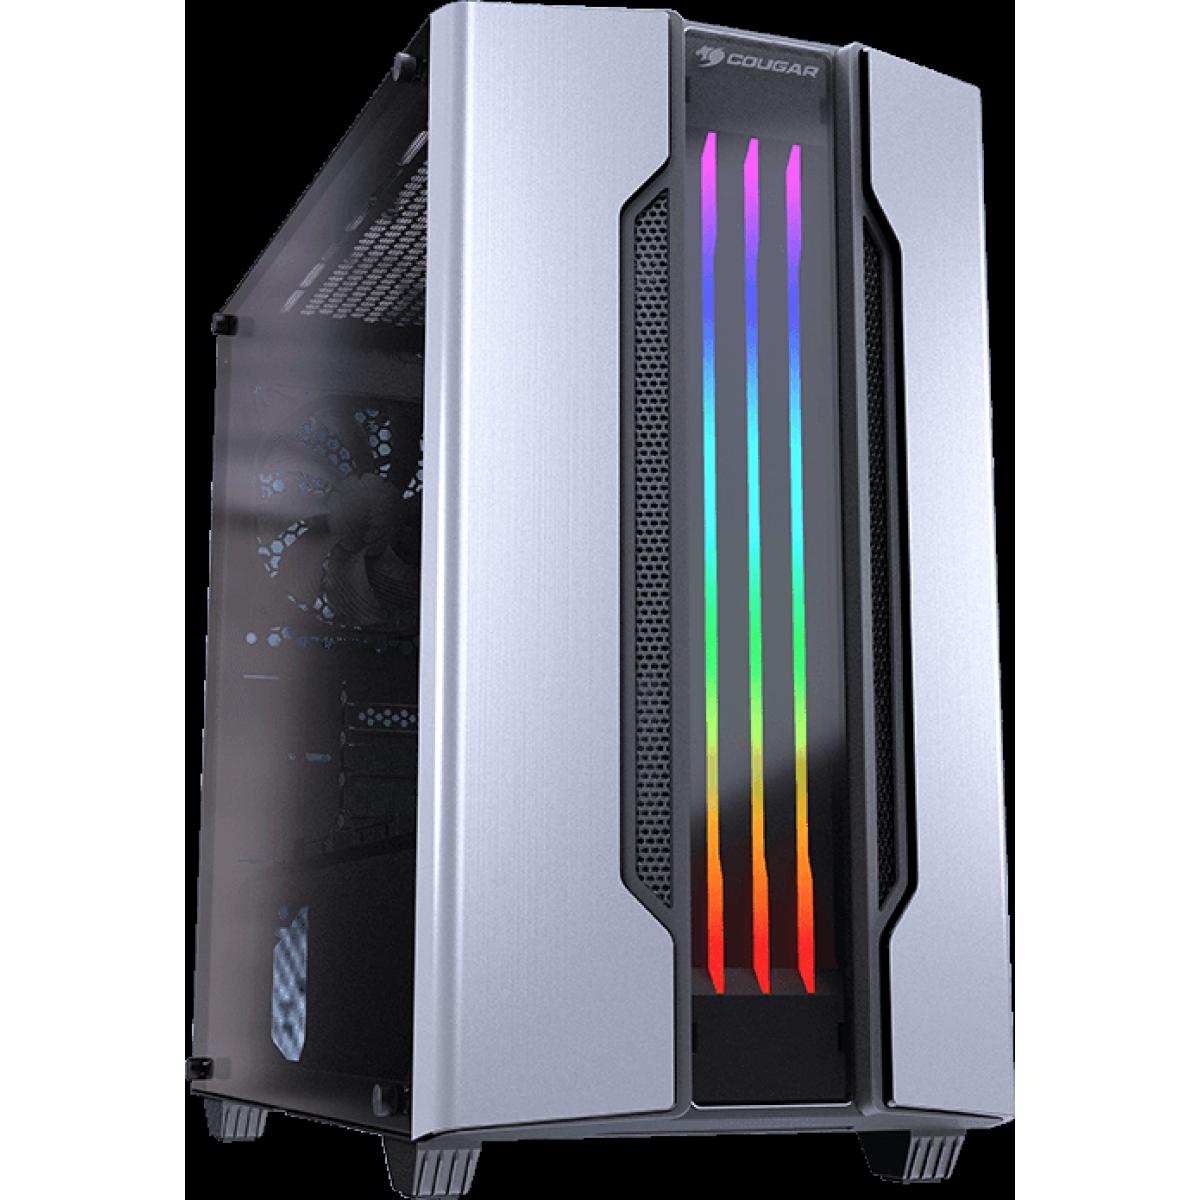 PC Gamer Tera Edition Intel i3 9100F / Radeon Rx 580 8gb / Memória 8GB DDR4 / HD 1TB / 550W